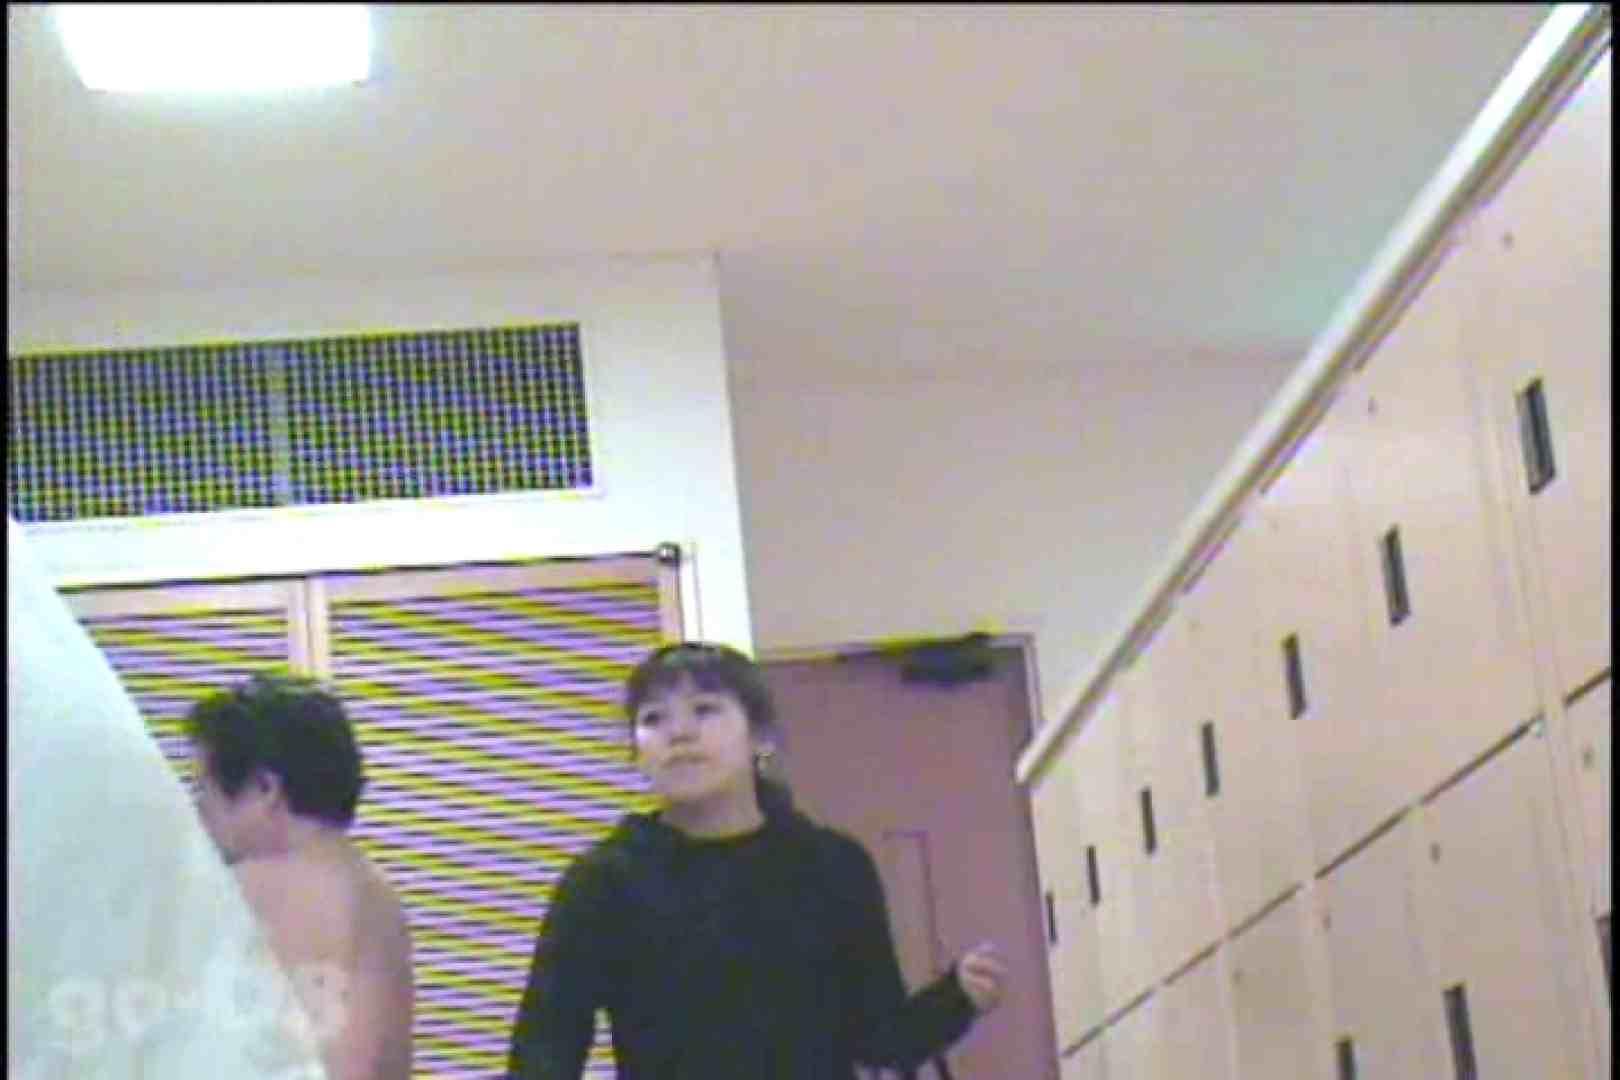 電波カメラ設置浴場からの防HAN映像 Vol.08 盗撮  101PIX 83